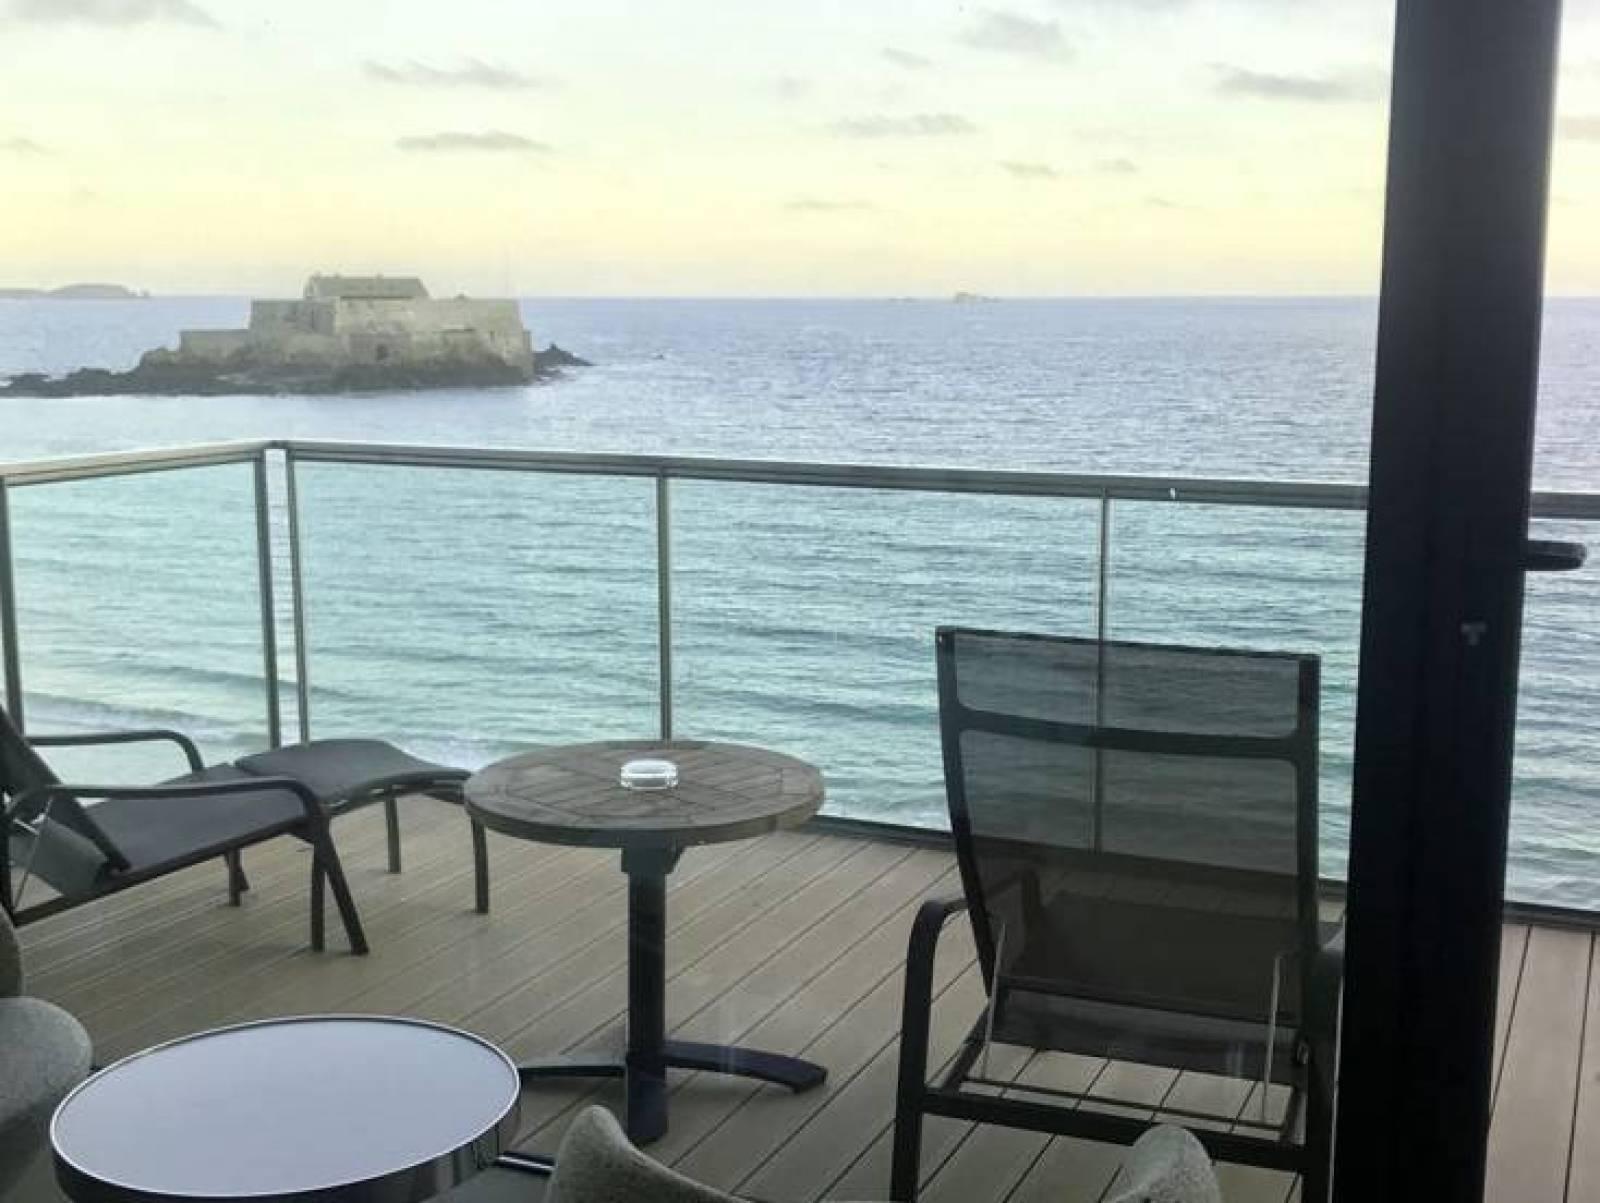 Vidéo de Hotel Oceania Saint-Malo